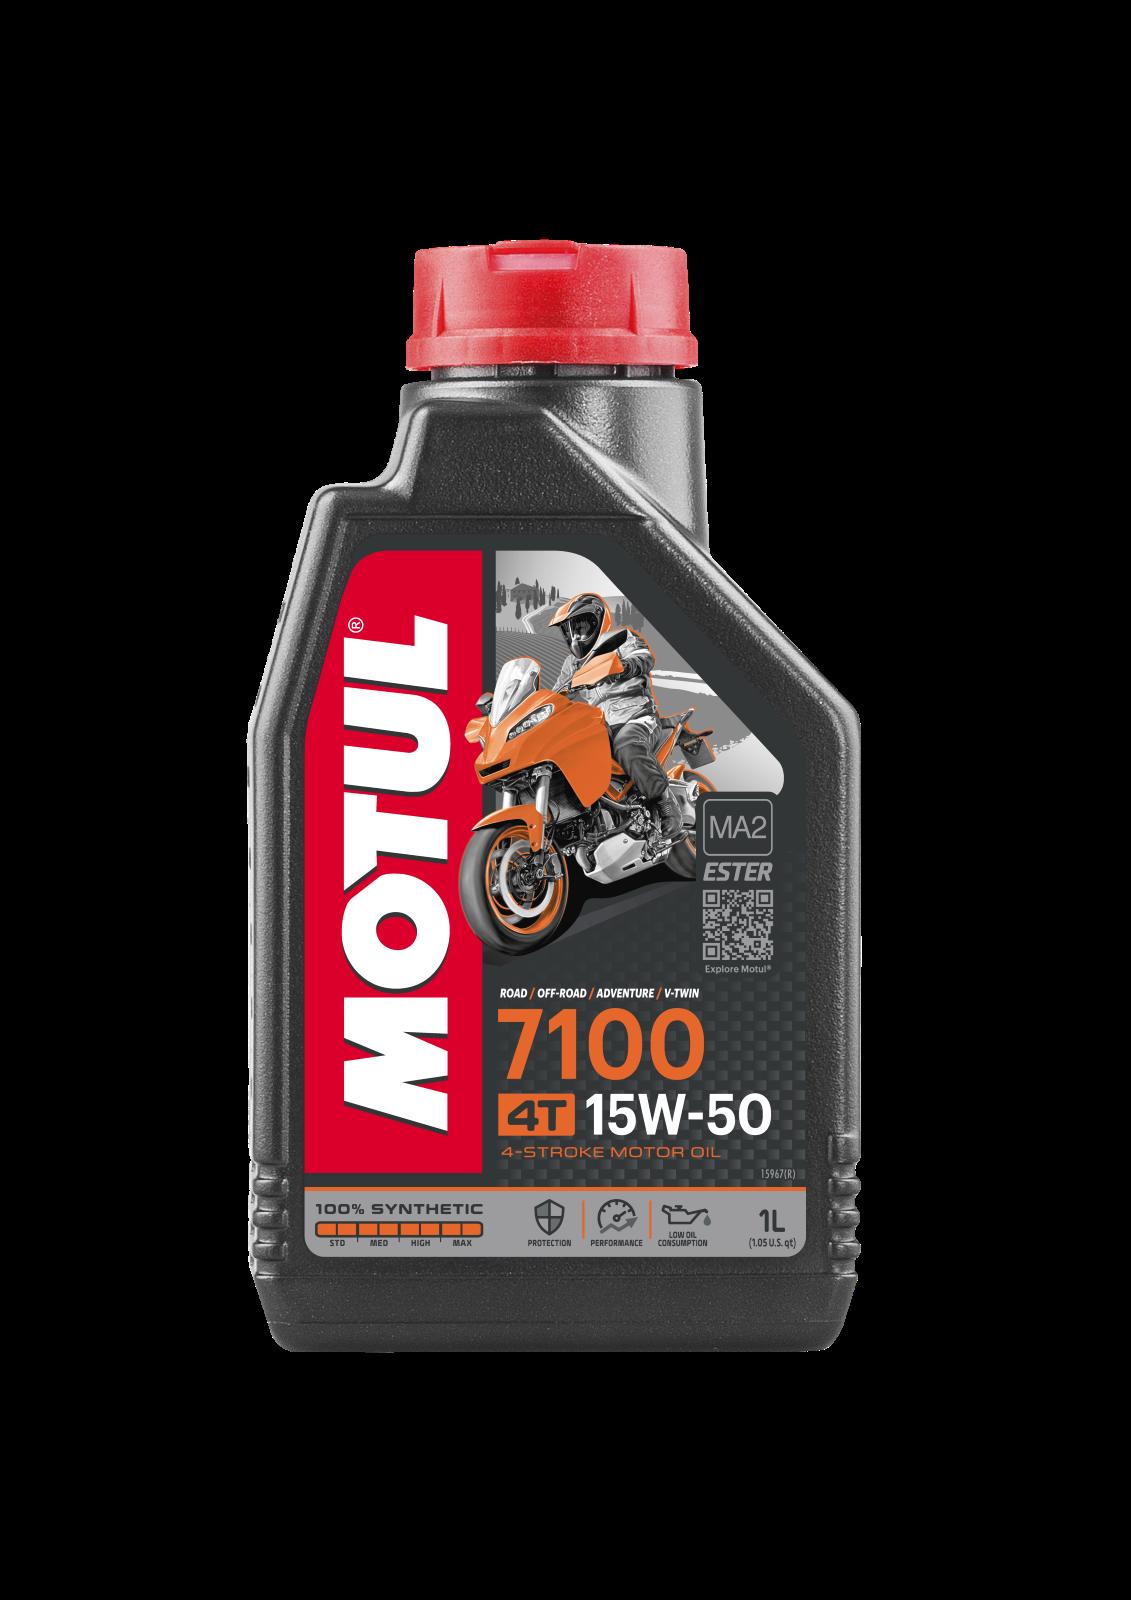 MOTUL AG MOTUL 7100 4T 15W-50 1L